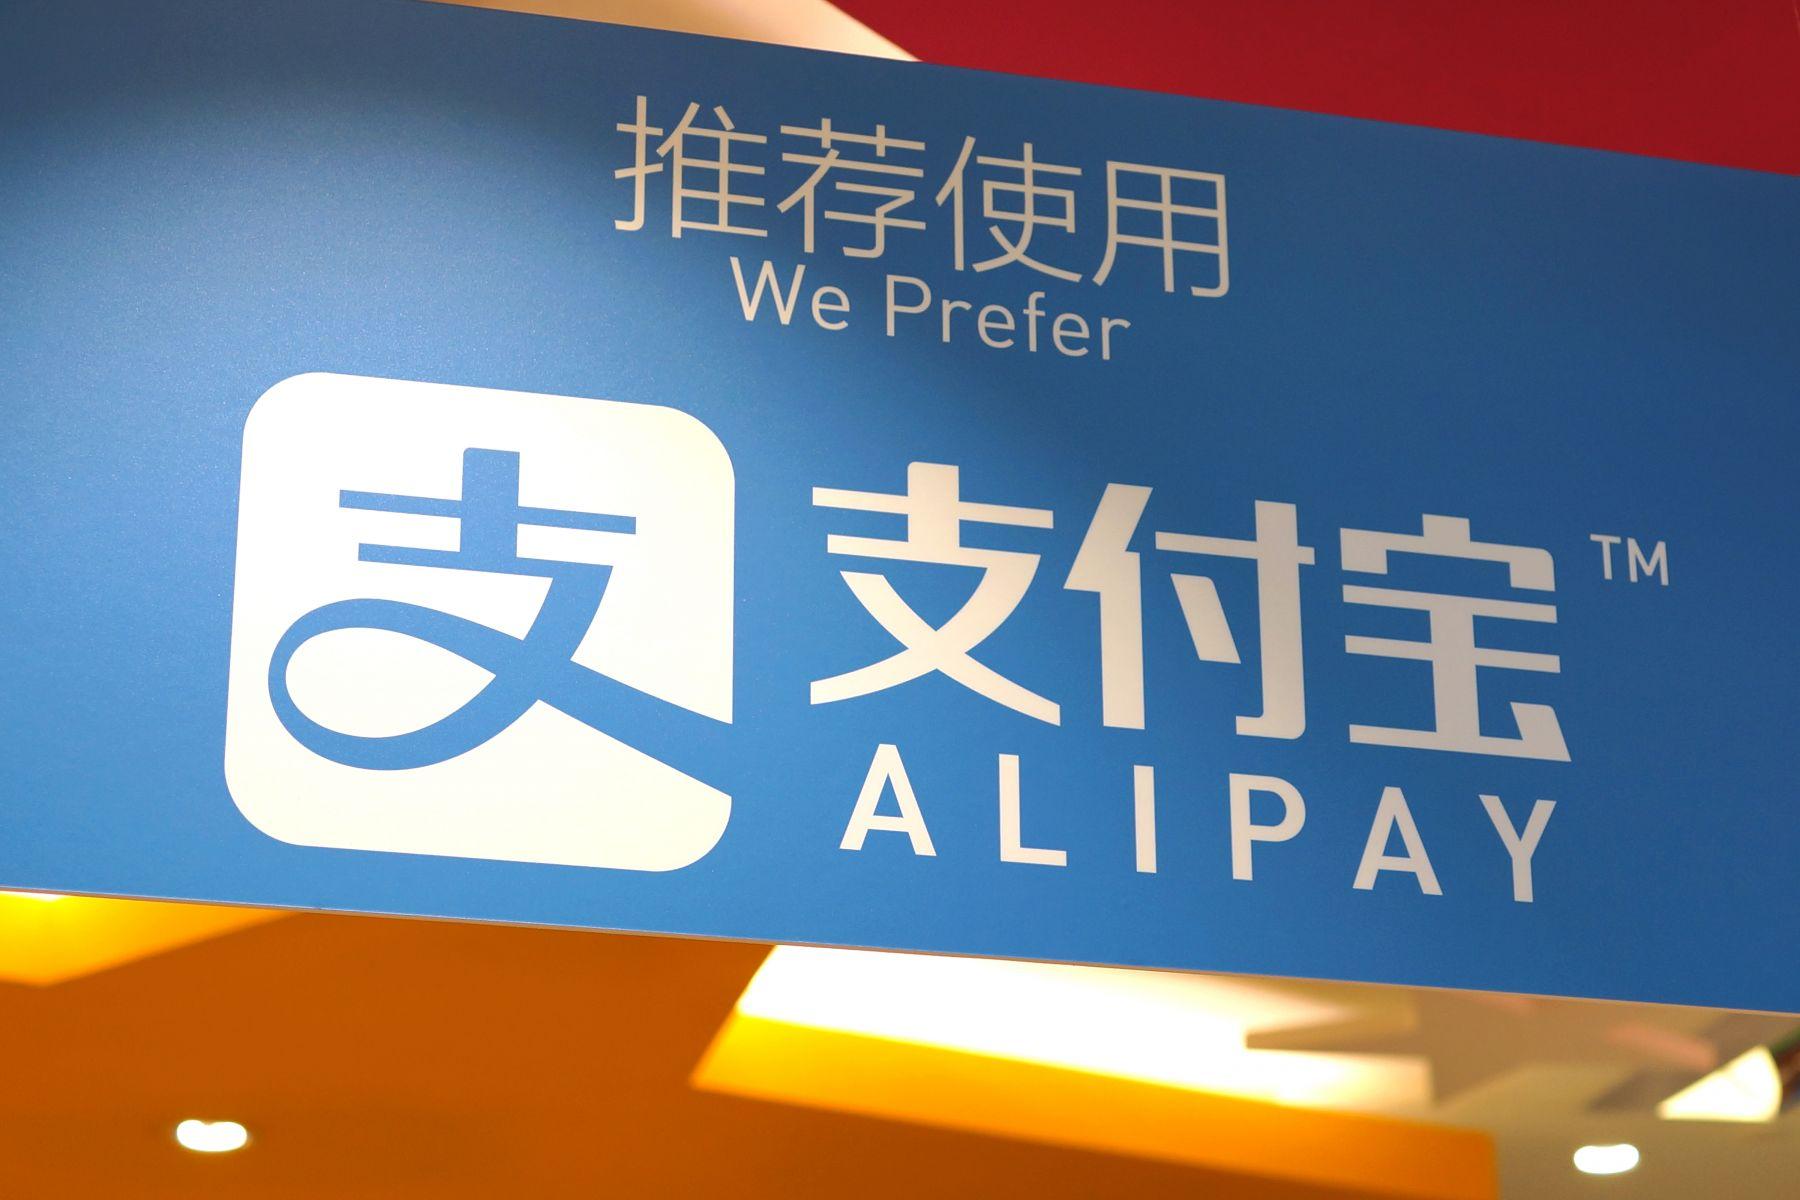 他鄉遇故「支」 支付寶新文案讓中國網友氣炸